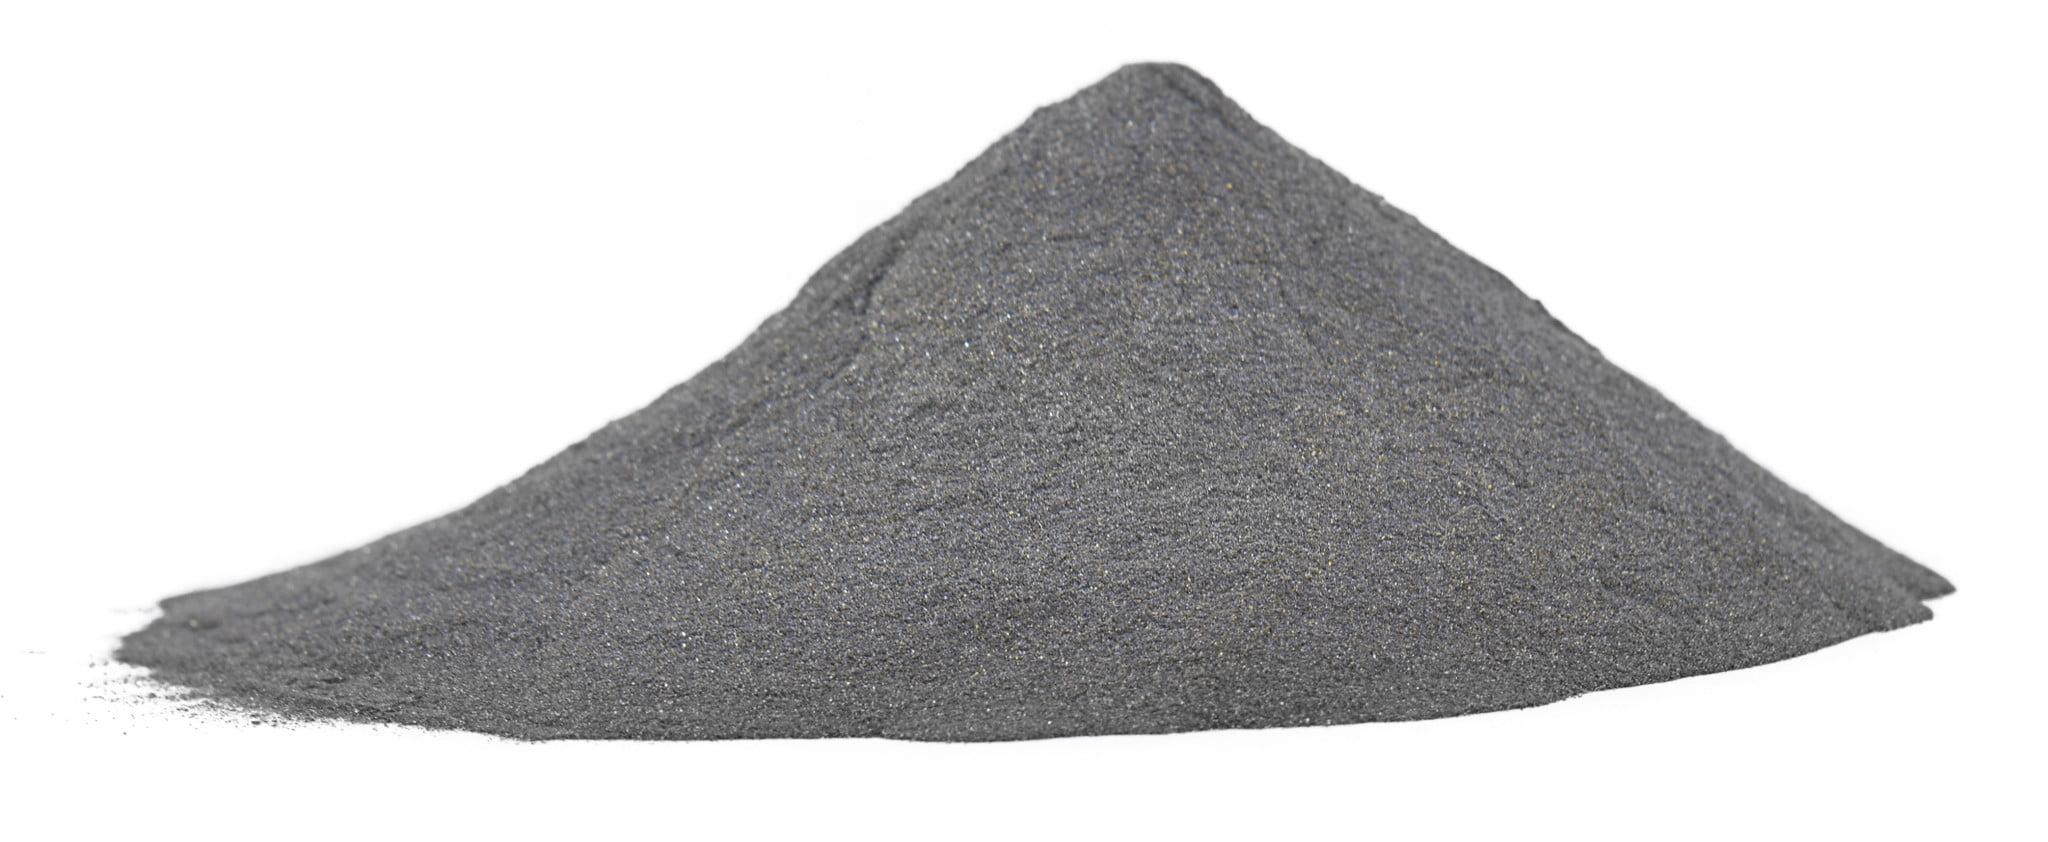 lead powder in a little heap